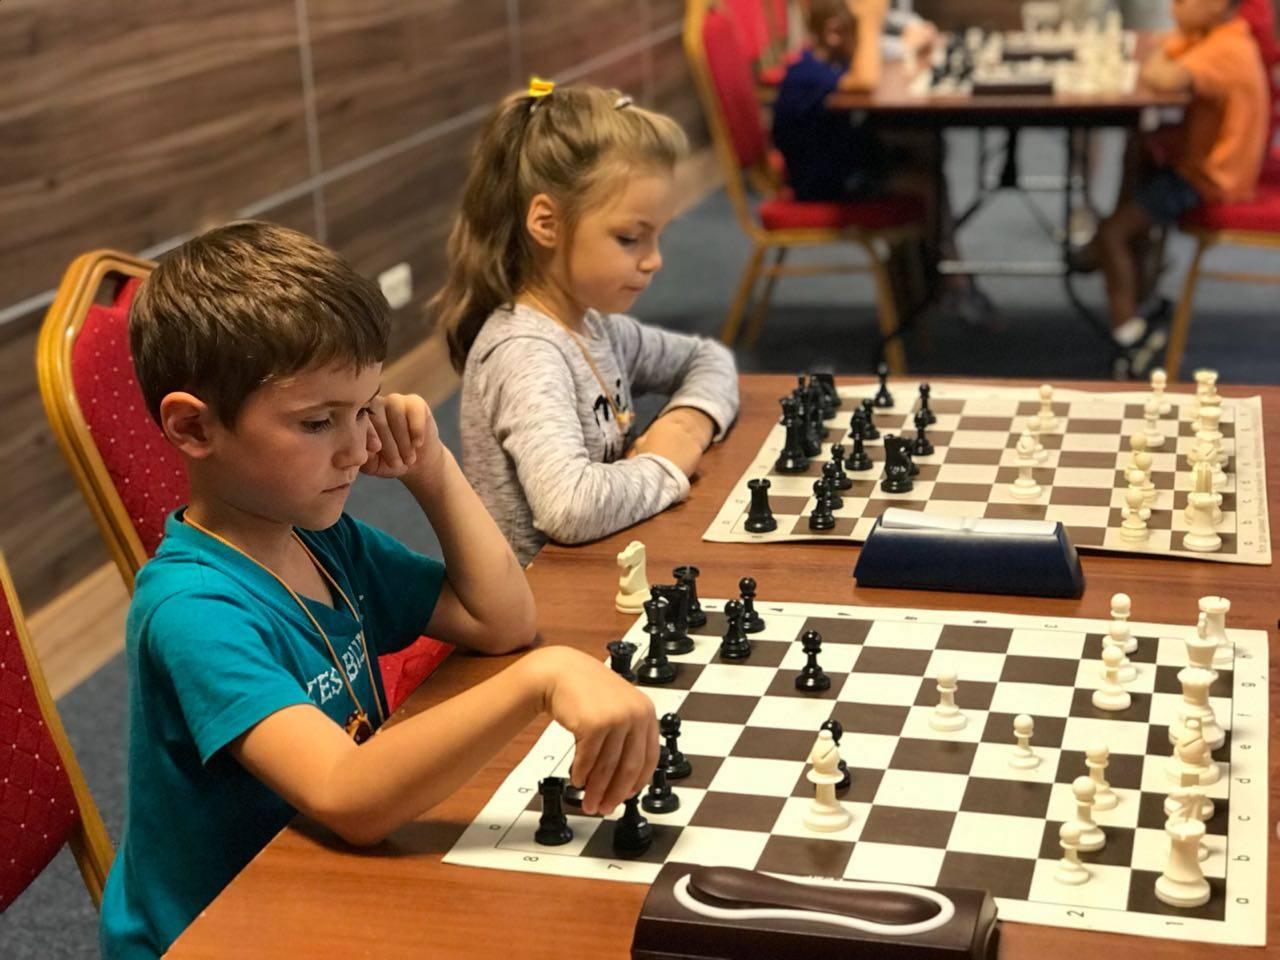 Польза и вред шахмат для детей и взрослых: что они развивают, интересные факты | хочу все знать – полезные и интересные статьи